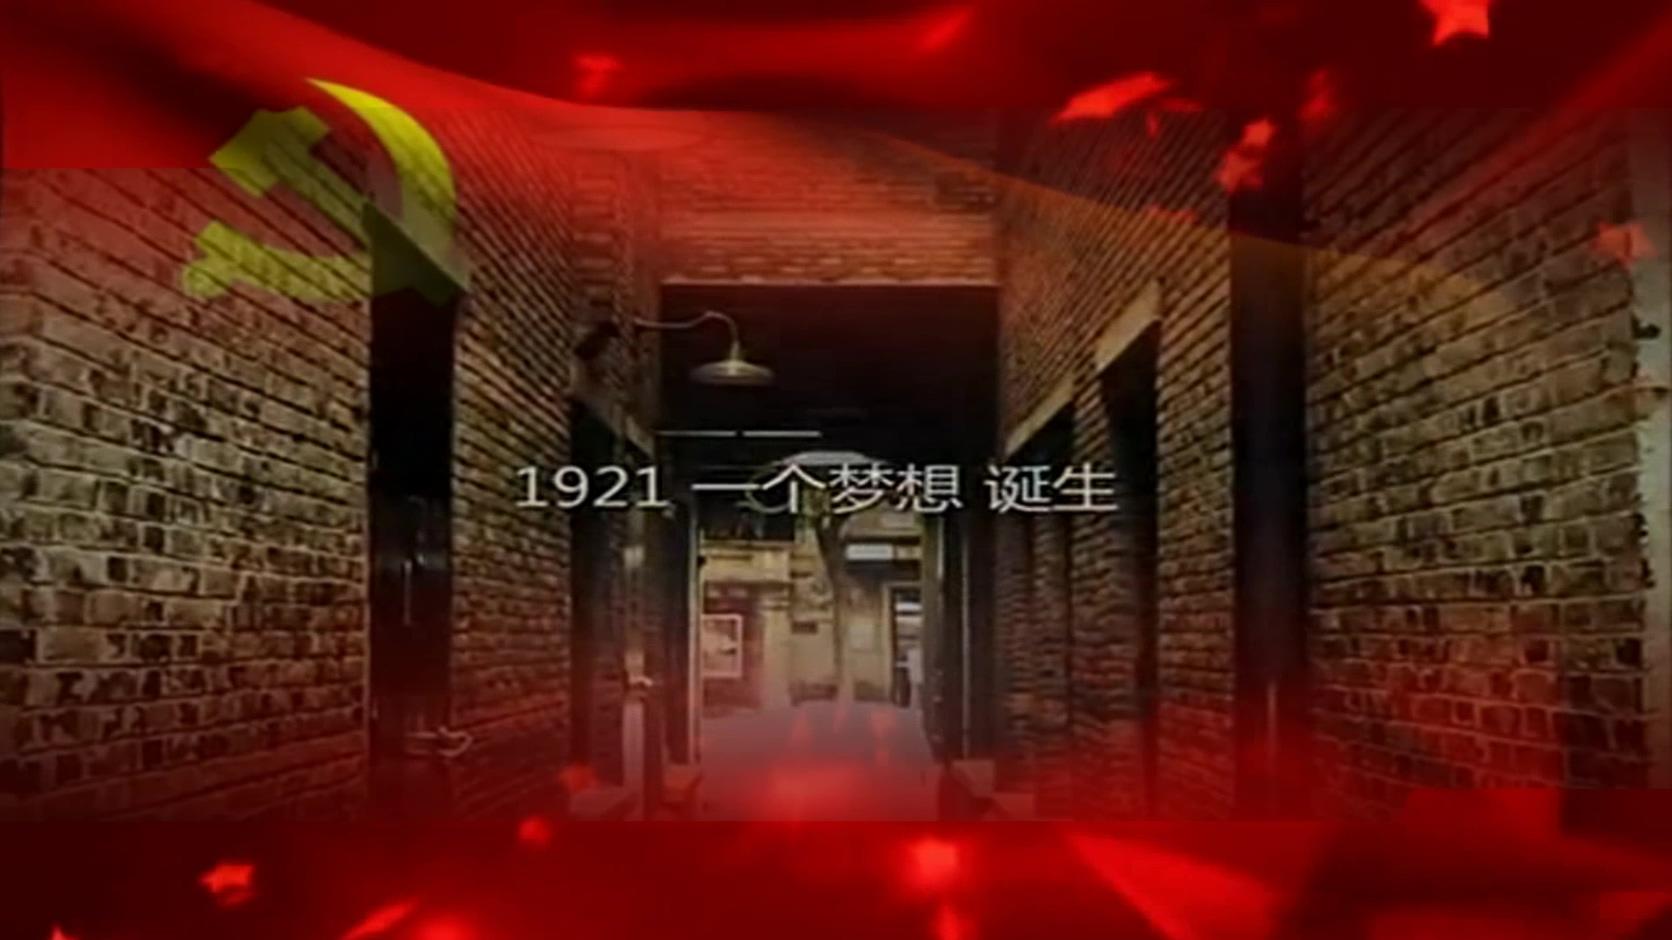 革命先烈共产党人视频素材